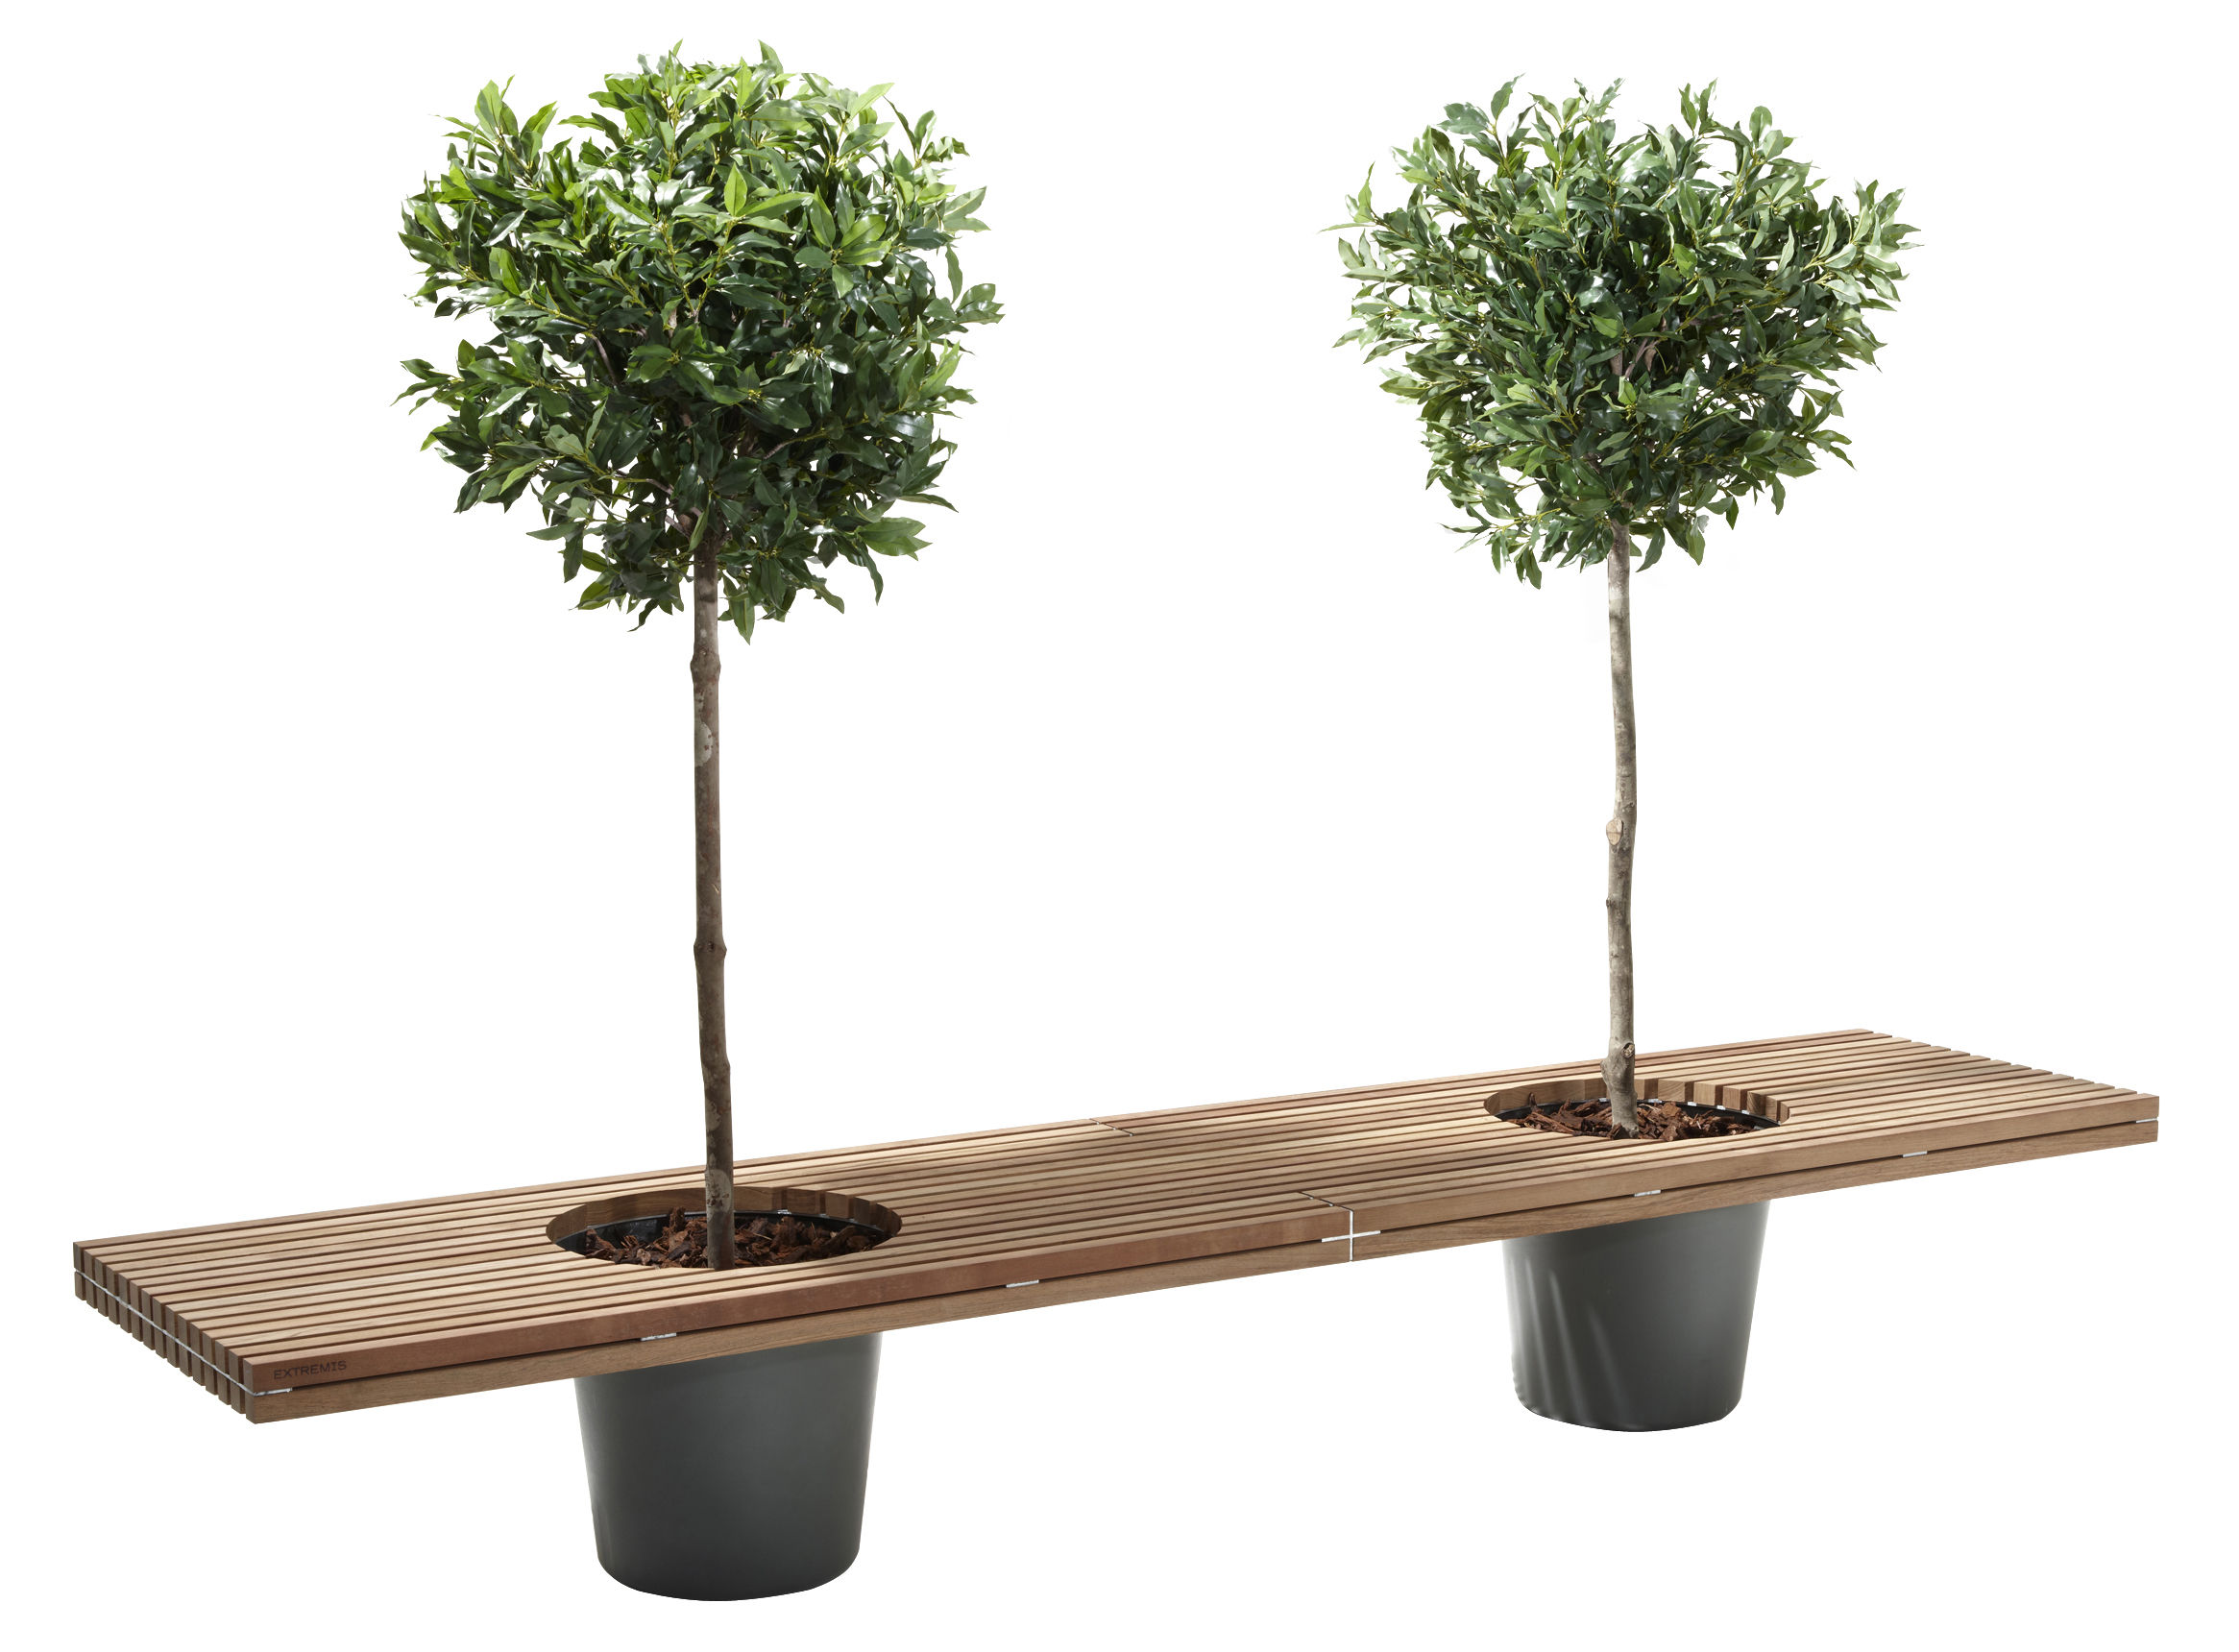 Banc Romeo & Juliet / 2 pots de fleurs intégrés - L 320 cm Bois ...